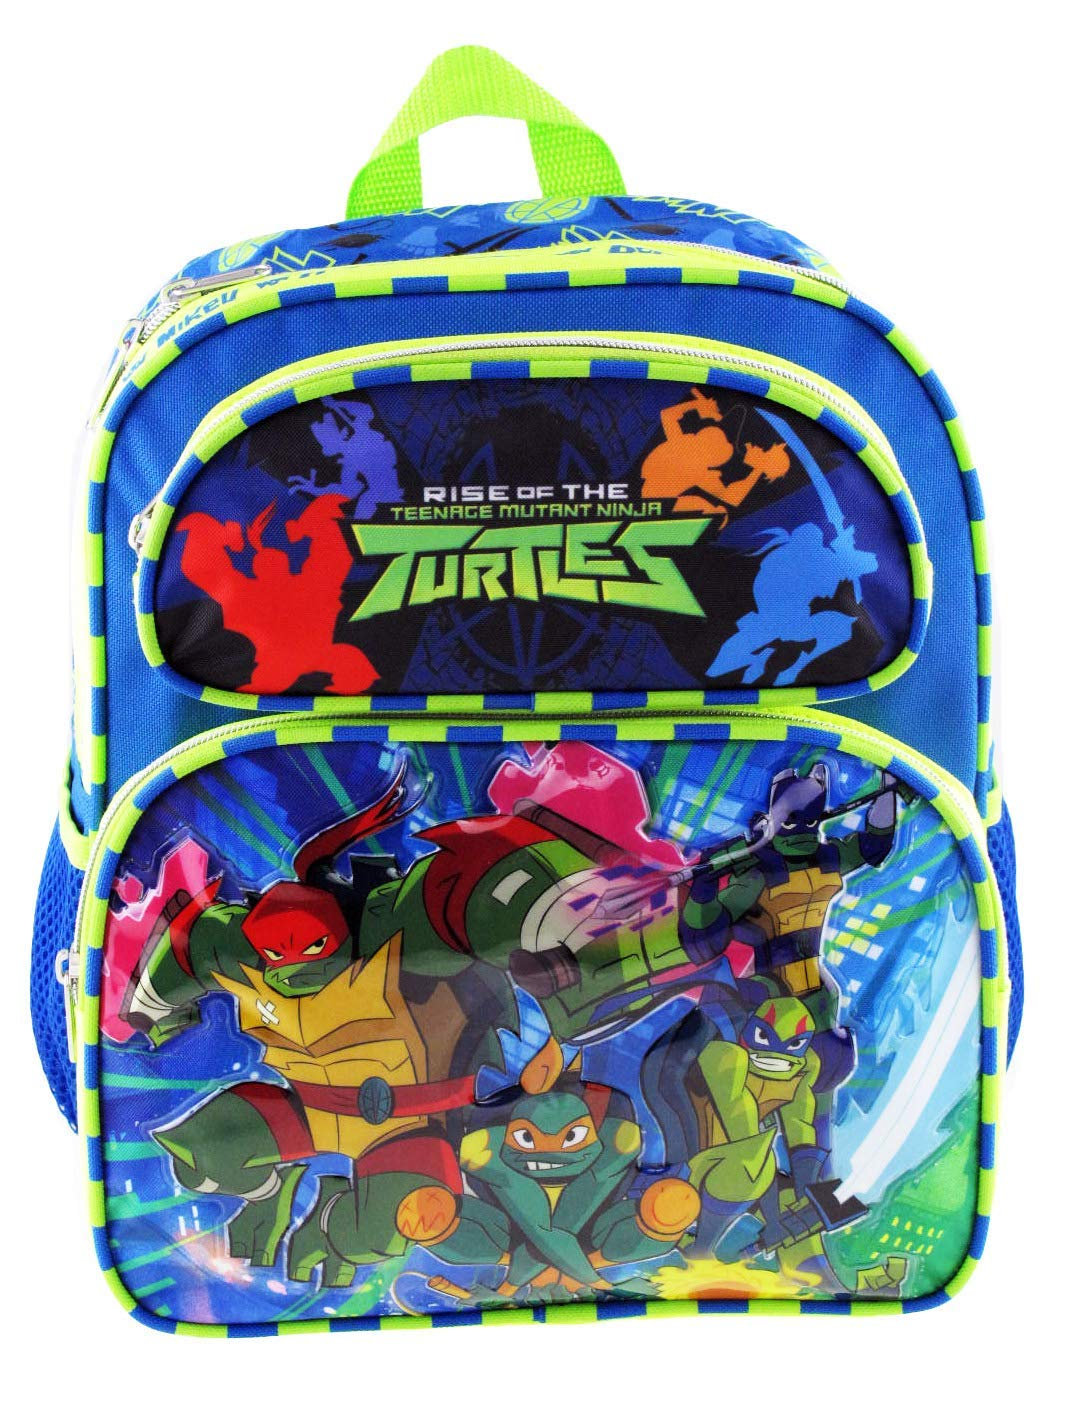 """Ninja Turtles 12"""" Toddler Size Backpack - Super Sword A16913"""